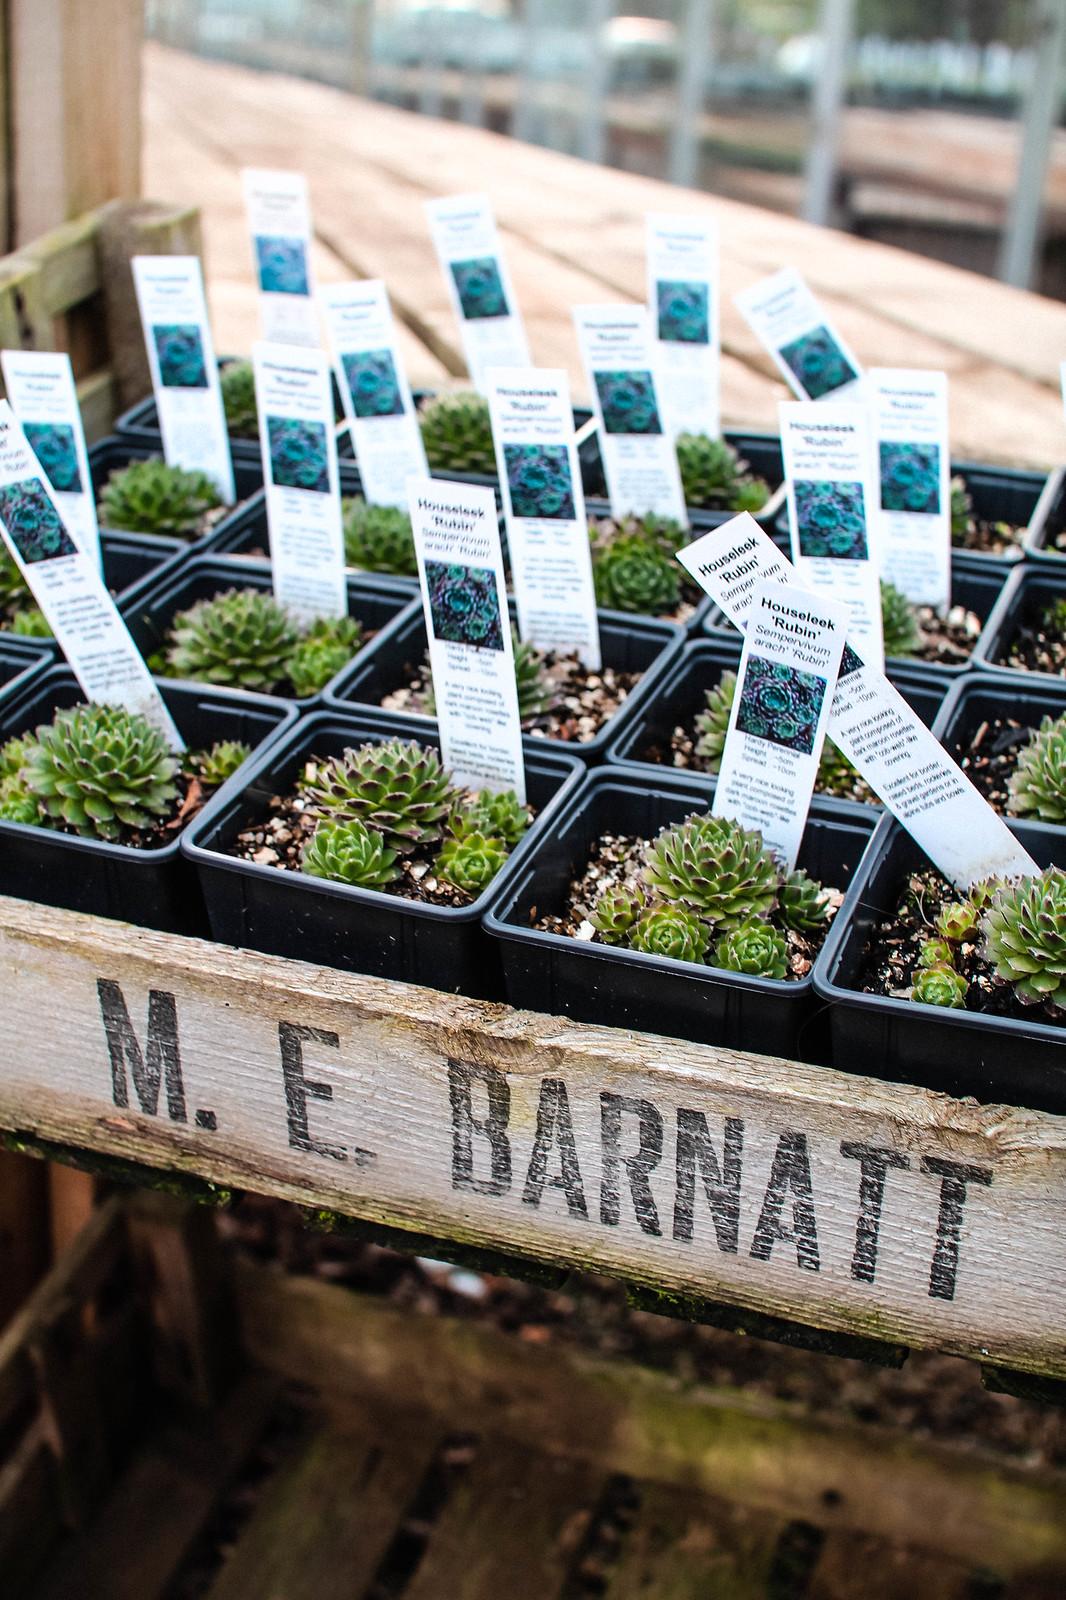 Edinburgh Secret Herb Garden Review Lifestyle blogger travel UK The Little Things IMG_7696